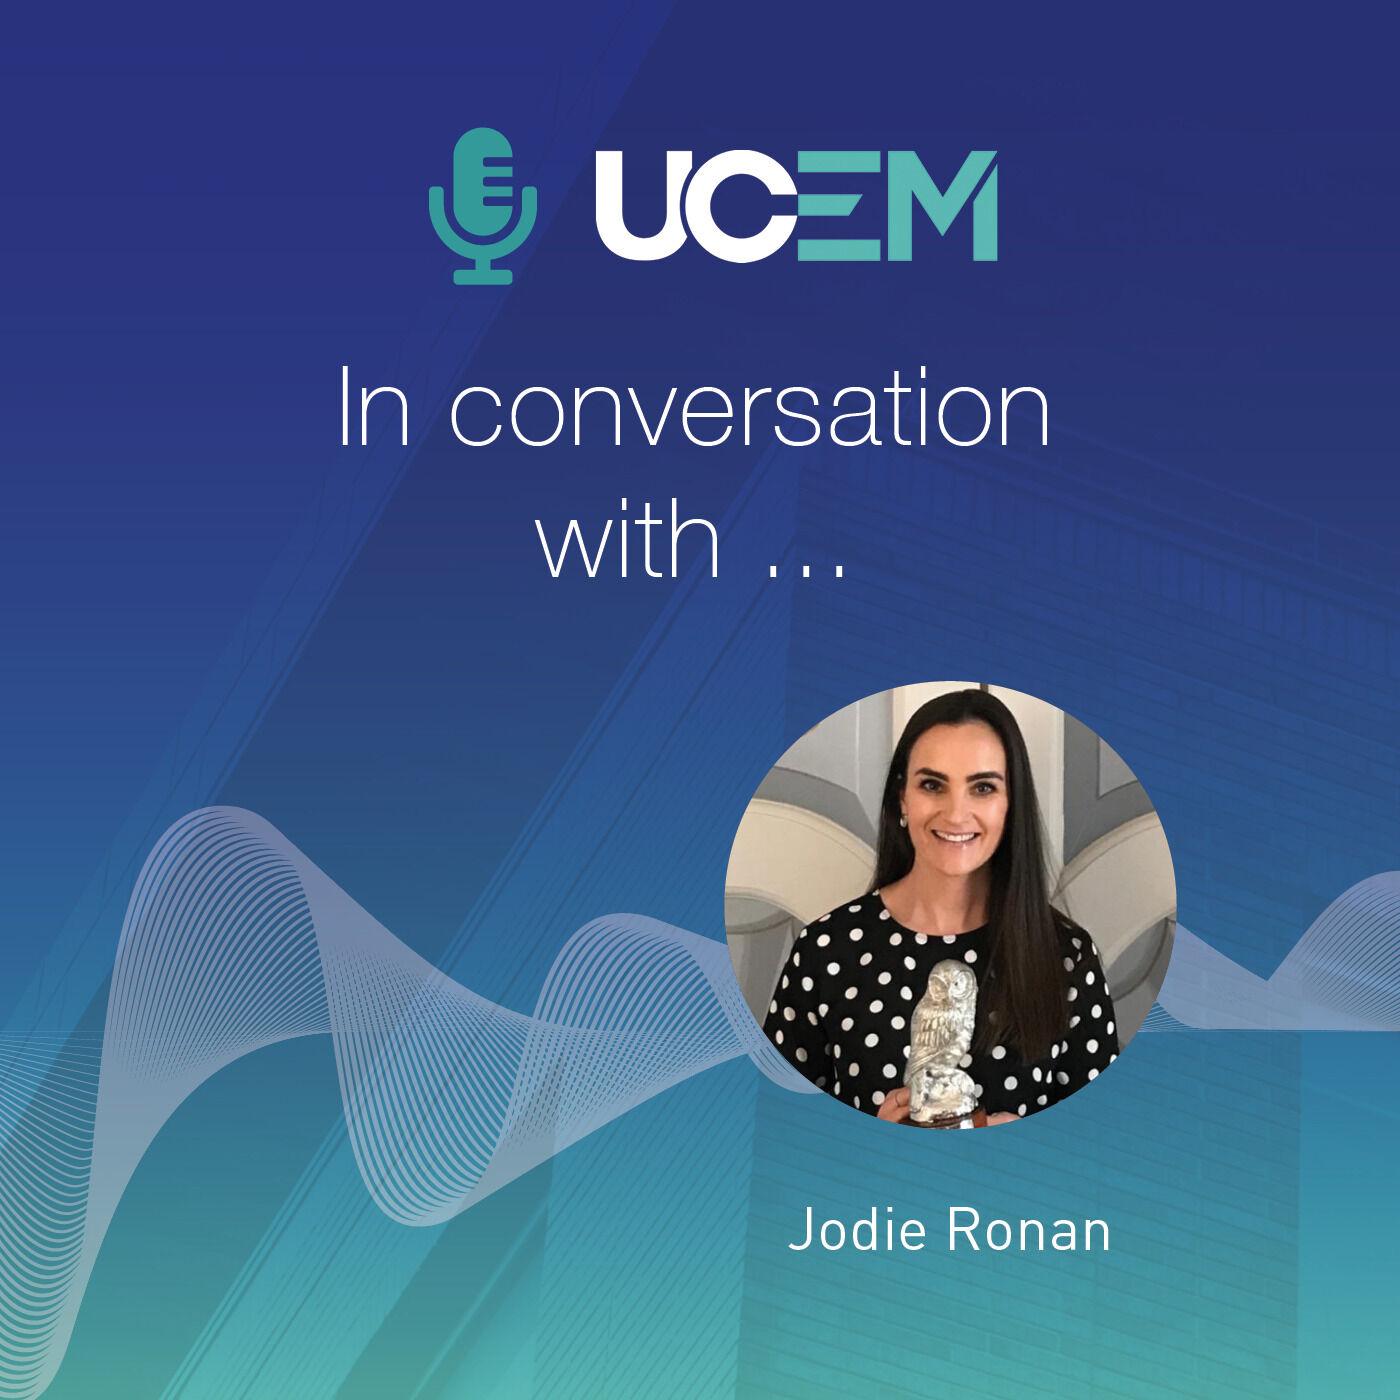 UCEM in conversation with... Jodie Ronan - Episode 2